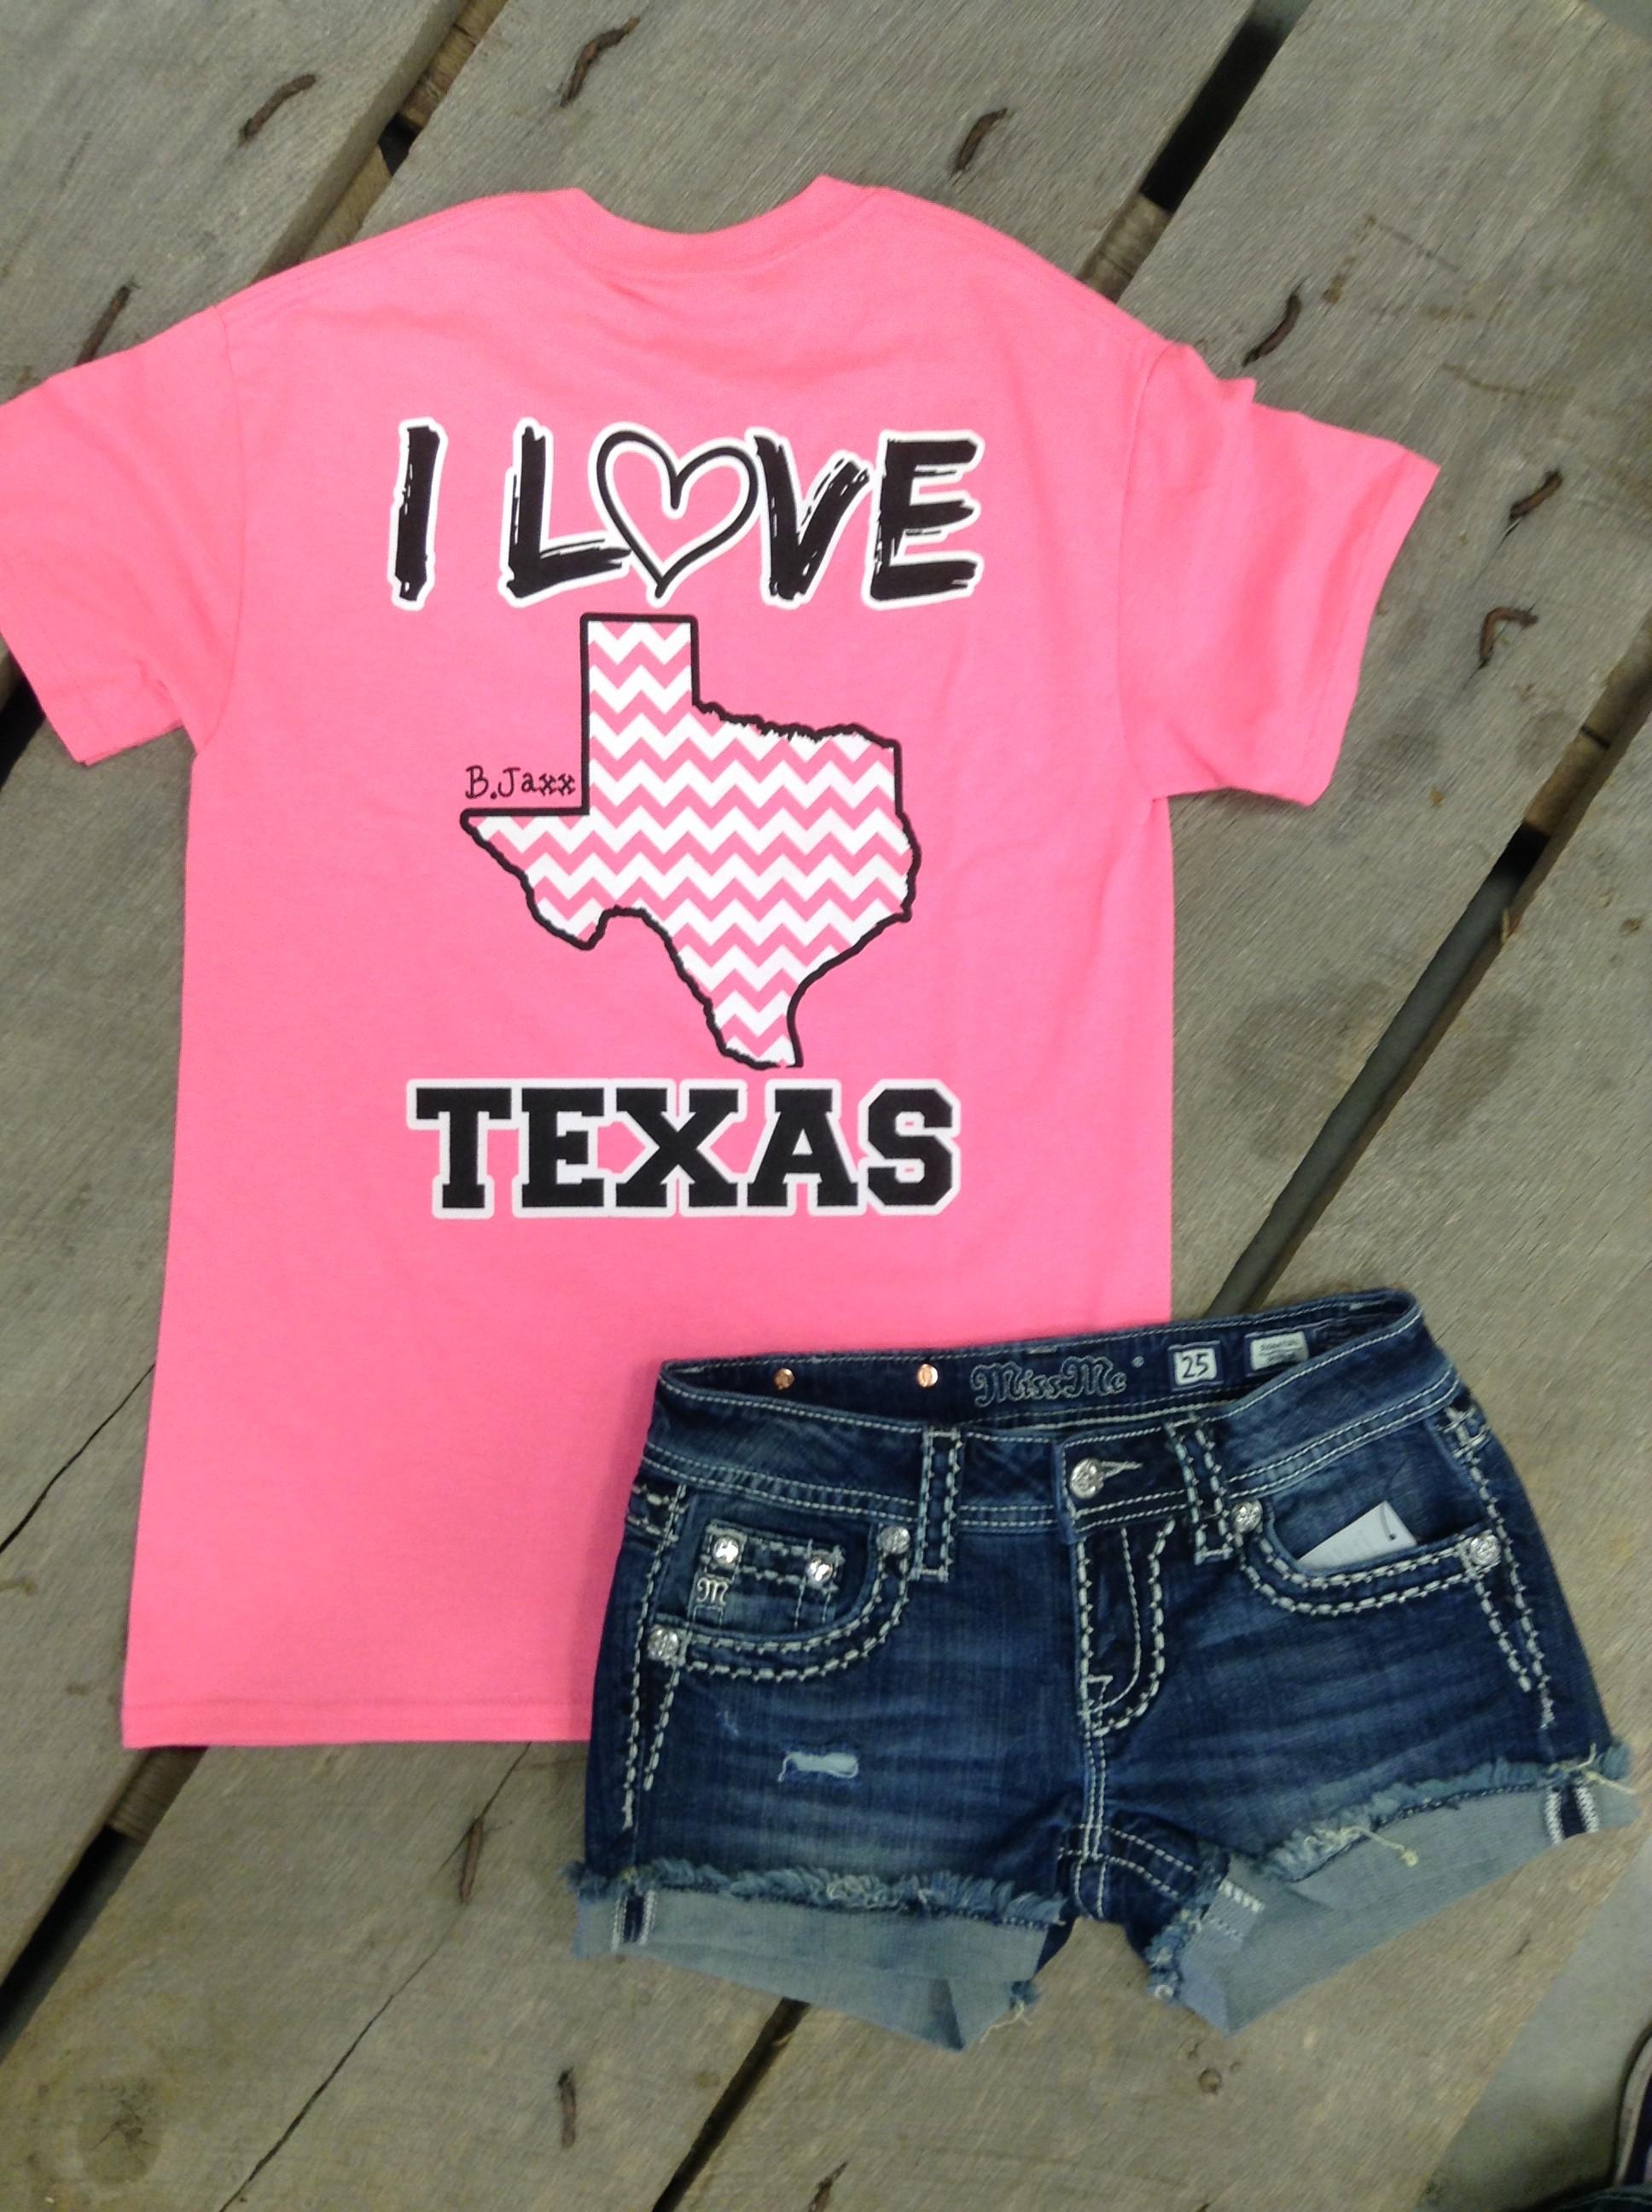 Shirt design killeen tx - Girlie Girl Tees 7 E1431387445152 150x150 Clothing